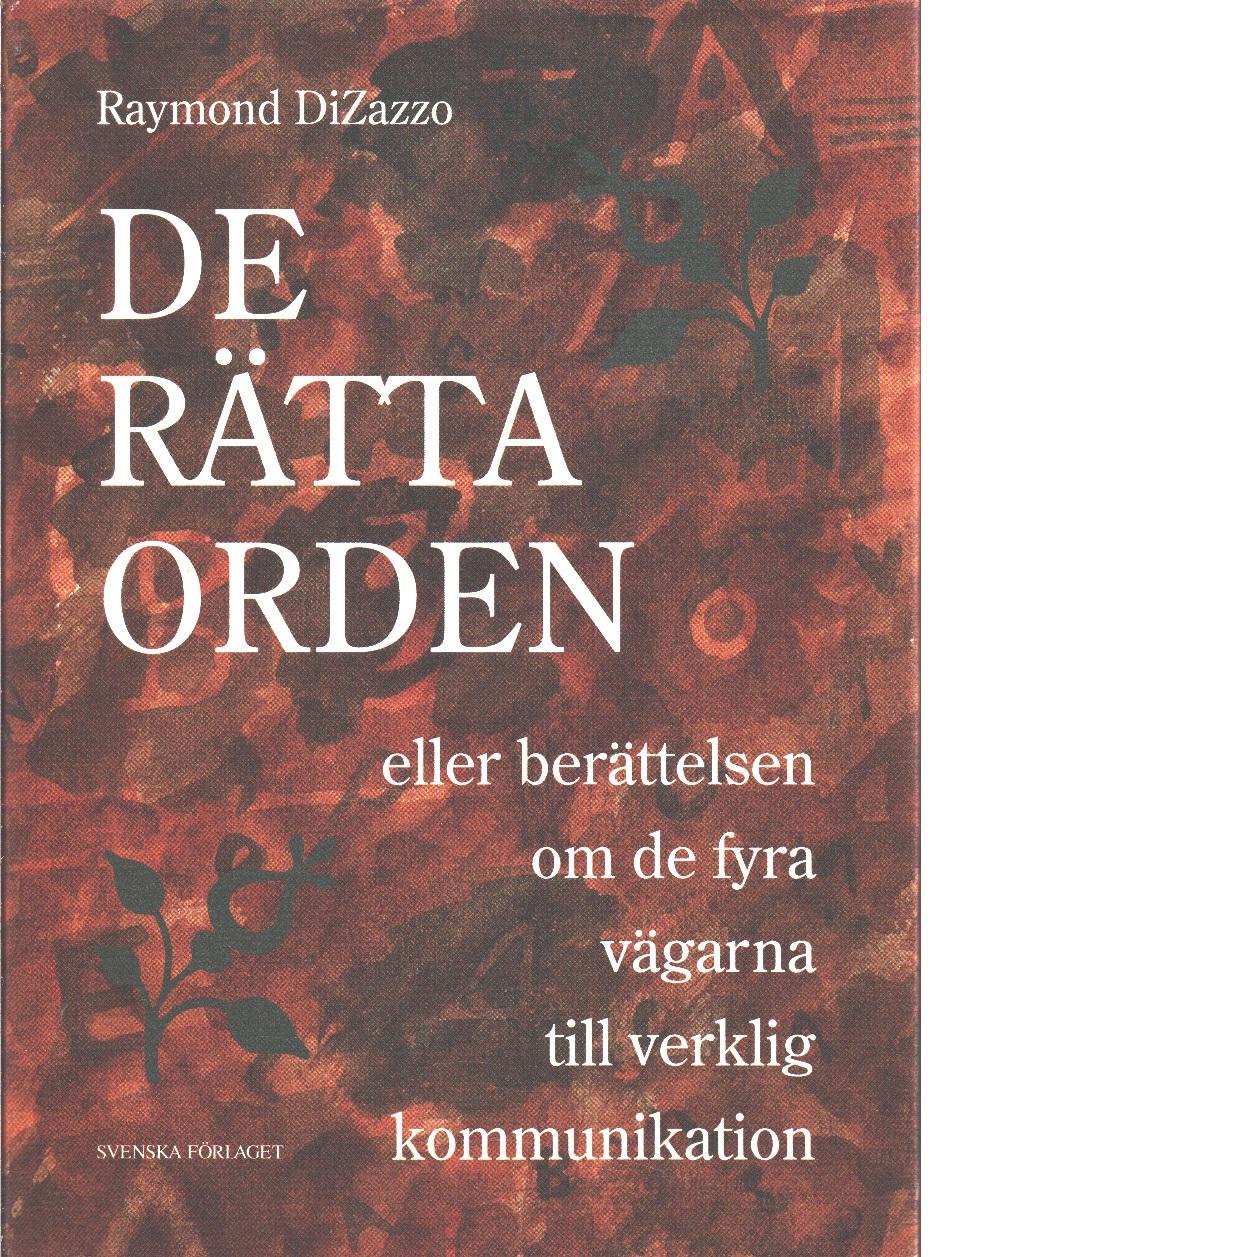 De rätta orden eller Berättelsen om de fyra vägarna till verklig kommunikation - DiZazzo, Raymond